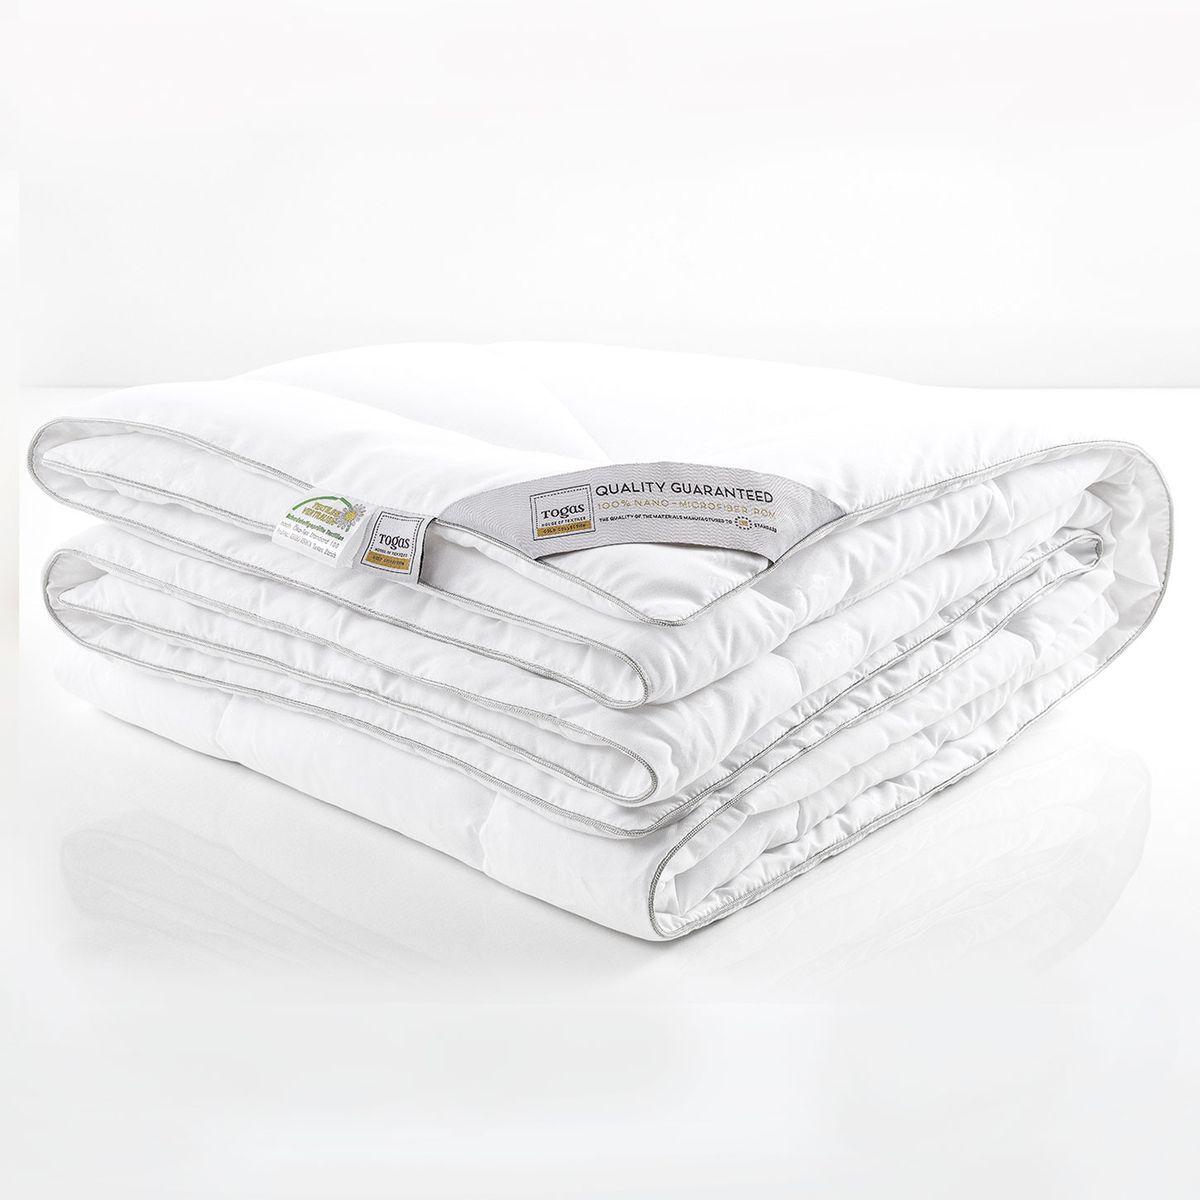 """Одеяло Нано микрофайбер с микрогранулами нано, 220 х 240 см. 20.04.12.001520.04.12.0015Комфортная темпетатура тела во время сна - важная составляющая комфорта. В идеальных условиях тело расслабляется и по-настоящему отдыхает, как результат - Вы просыпаетесь отдохнувшим и бодрым, готовым к новым свершениям. """"Микрофайбер с микрогранулами НАНО"""" - одеяло с """"климатконтролем"""". Оно «подстраивается» под различные температурные условия, регулируя температуру тела во время сна и наполняя Вас ощущением легкости и комфорта"""